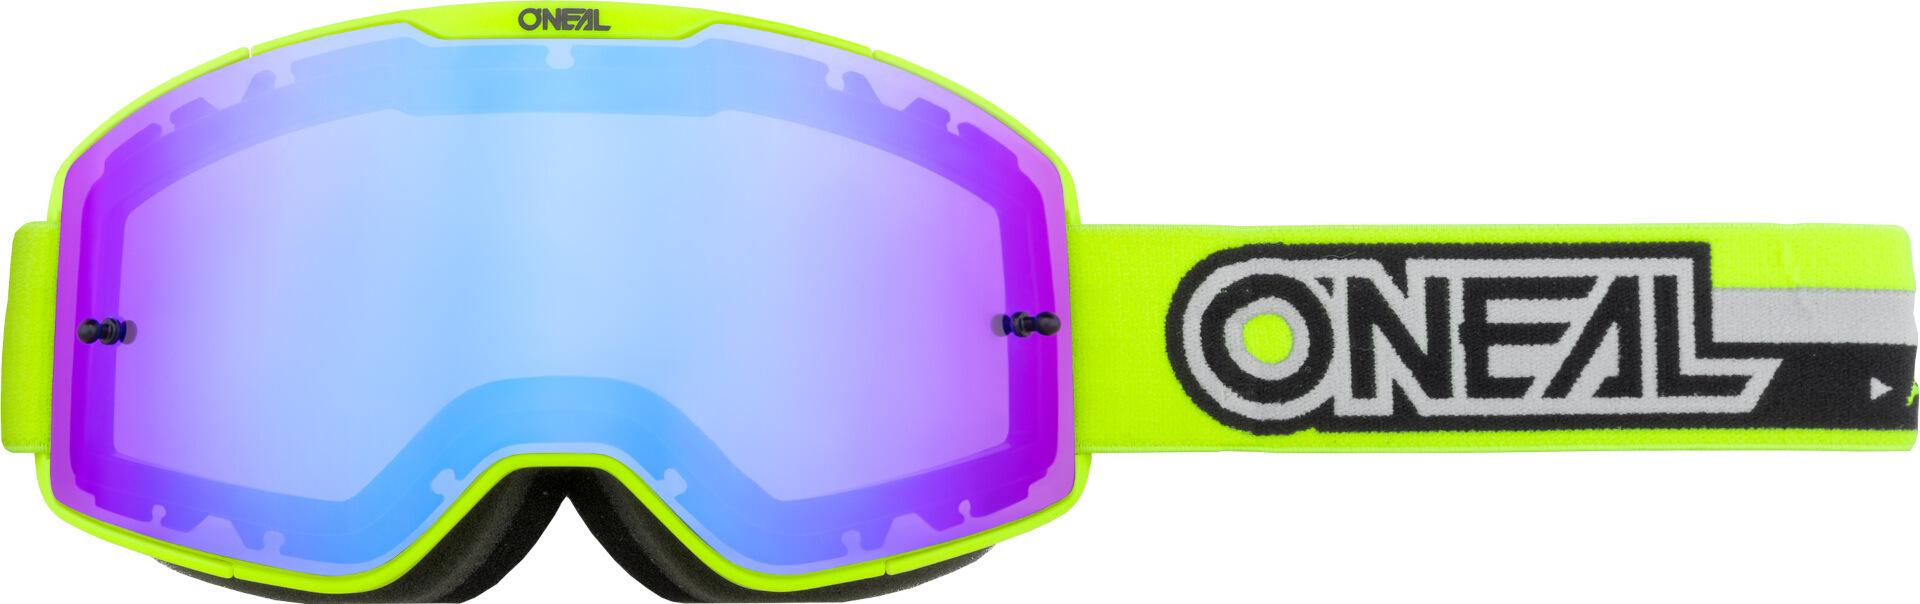 Oneal B-20 Proxy Motocross Brille - Verspiegelt, schwarz-gelb, schwarz-gelb